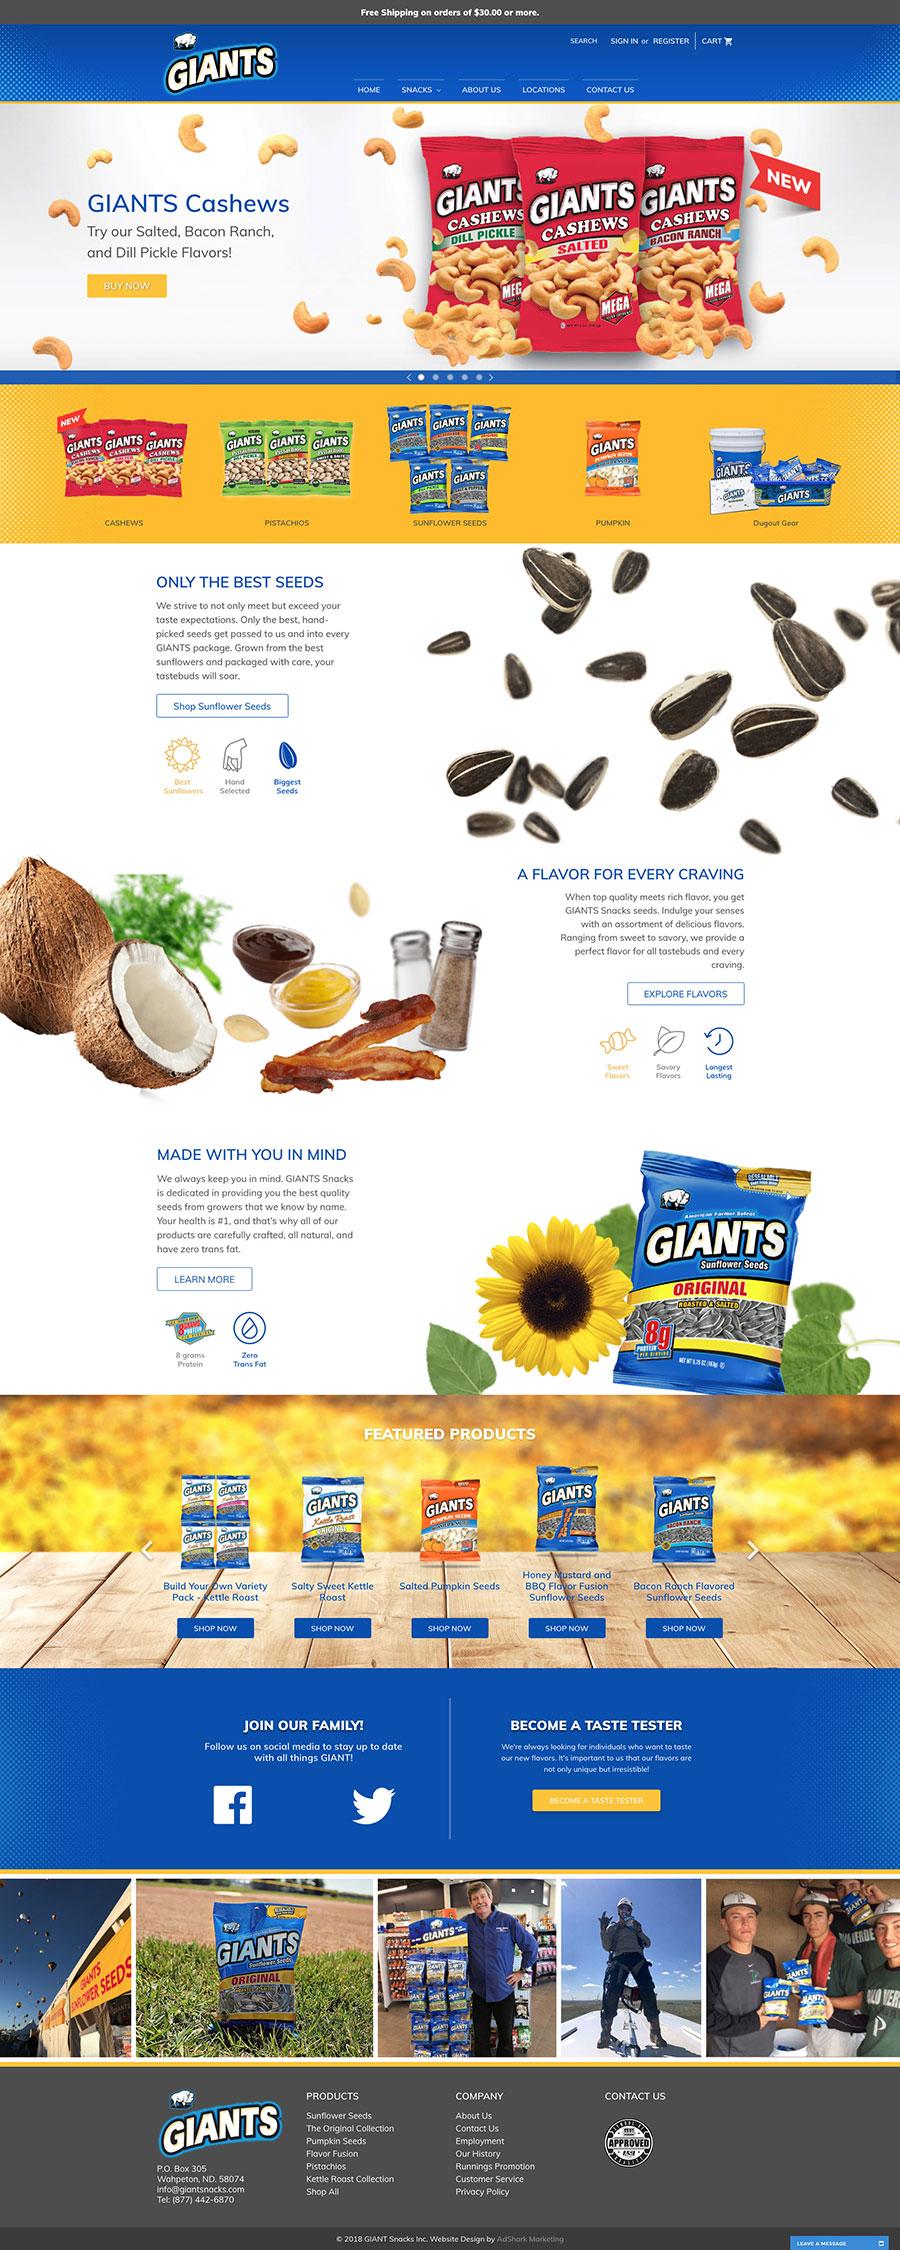 Giants Snack online store